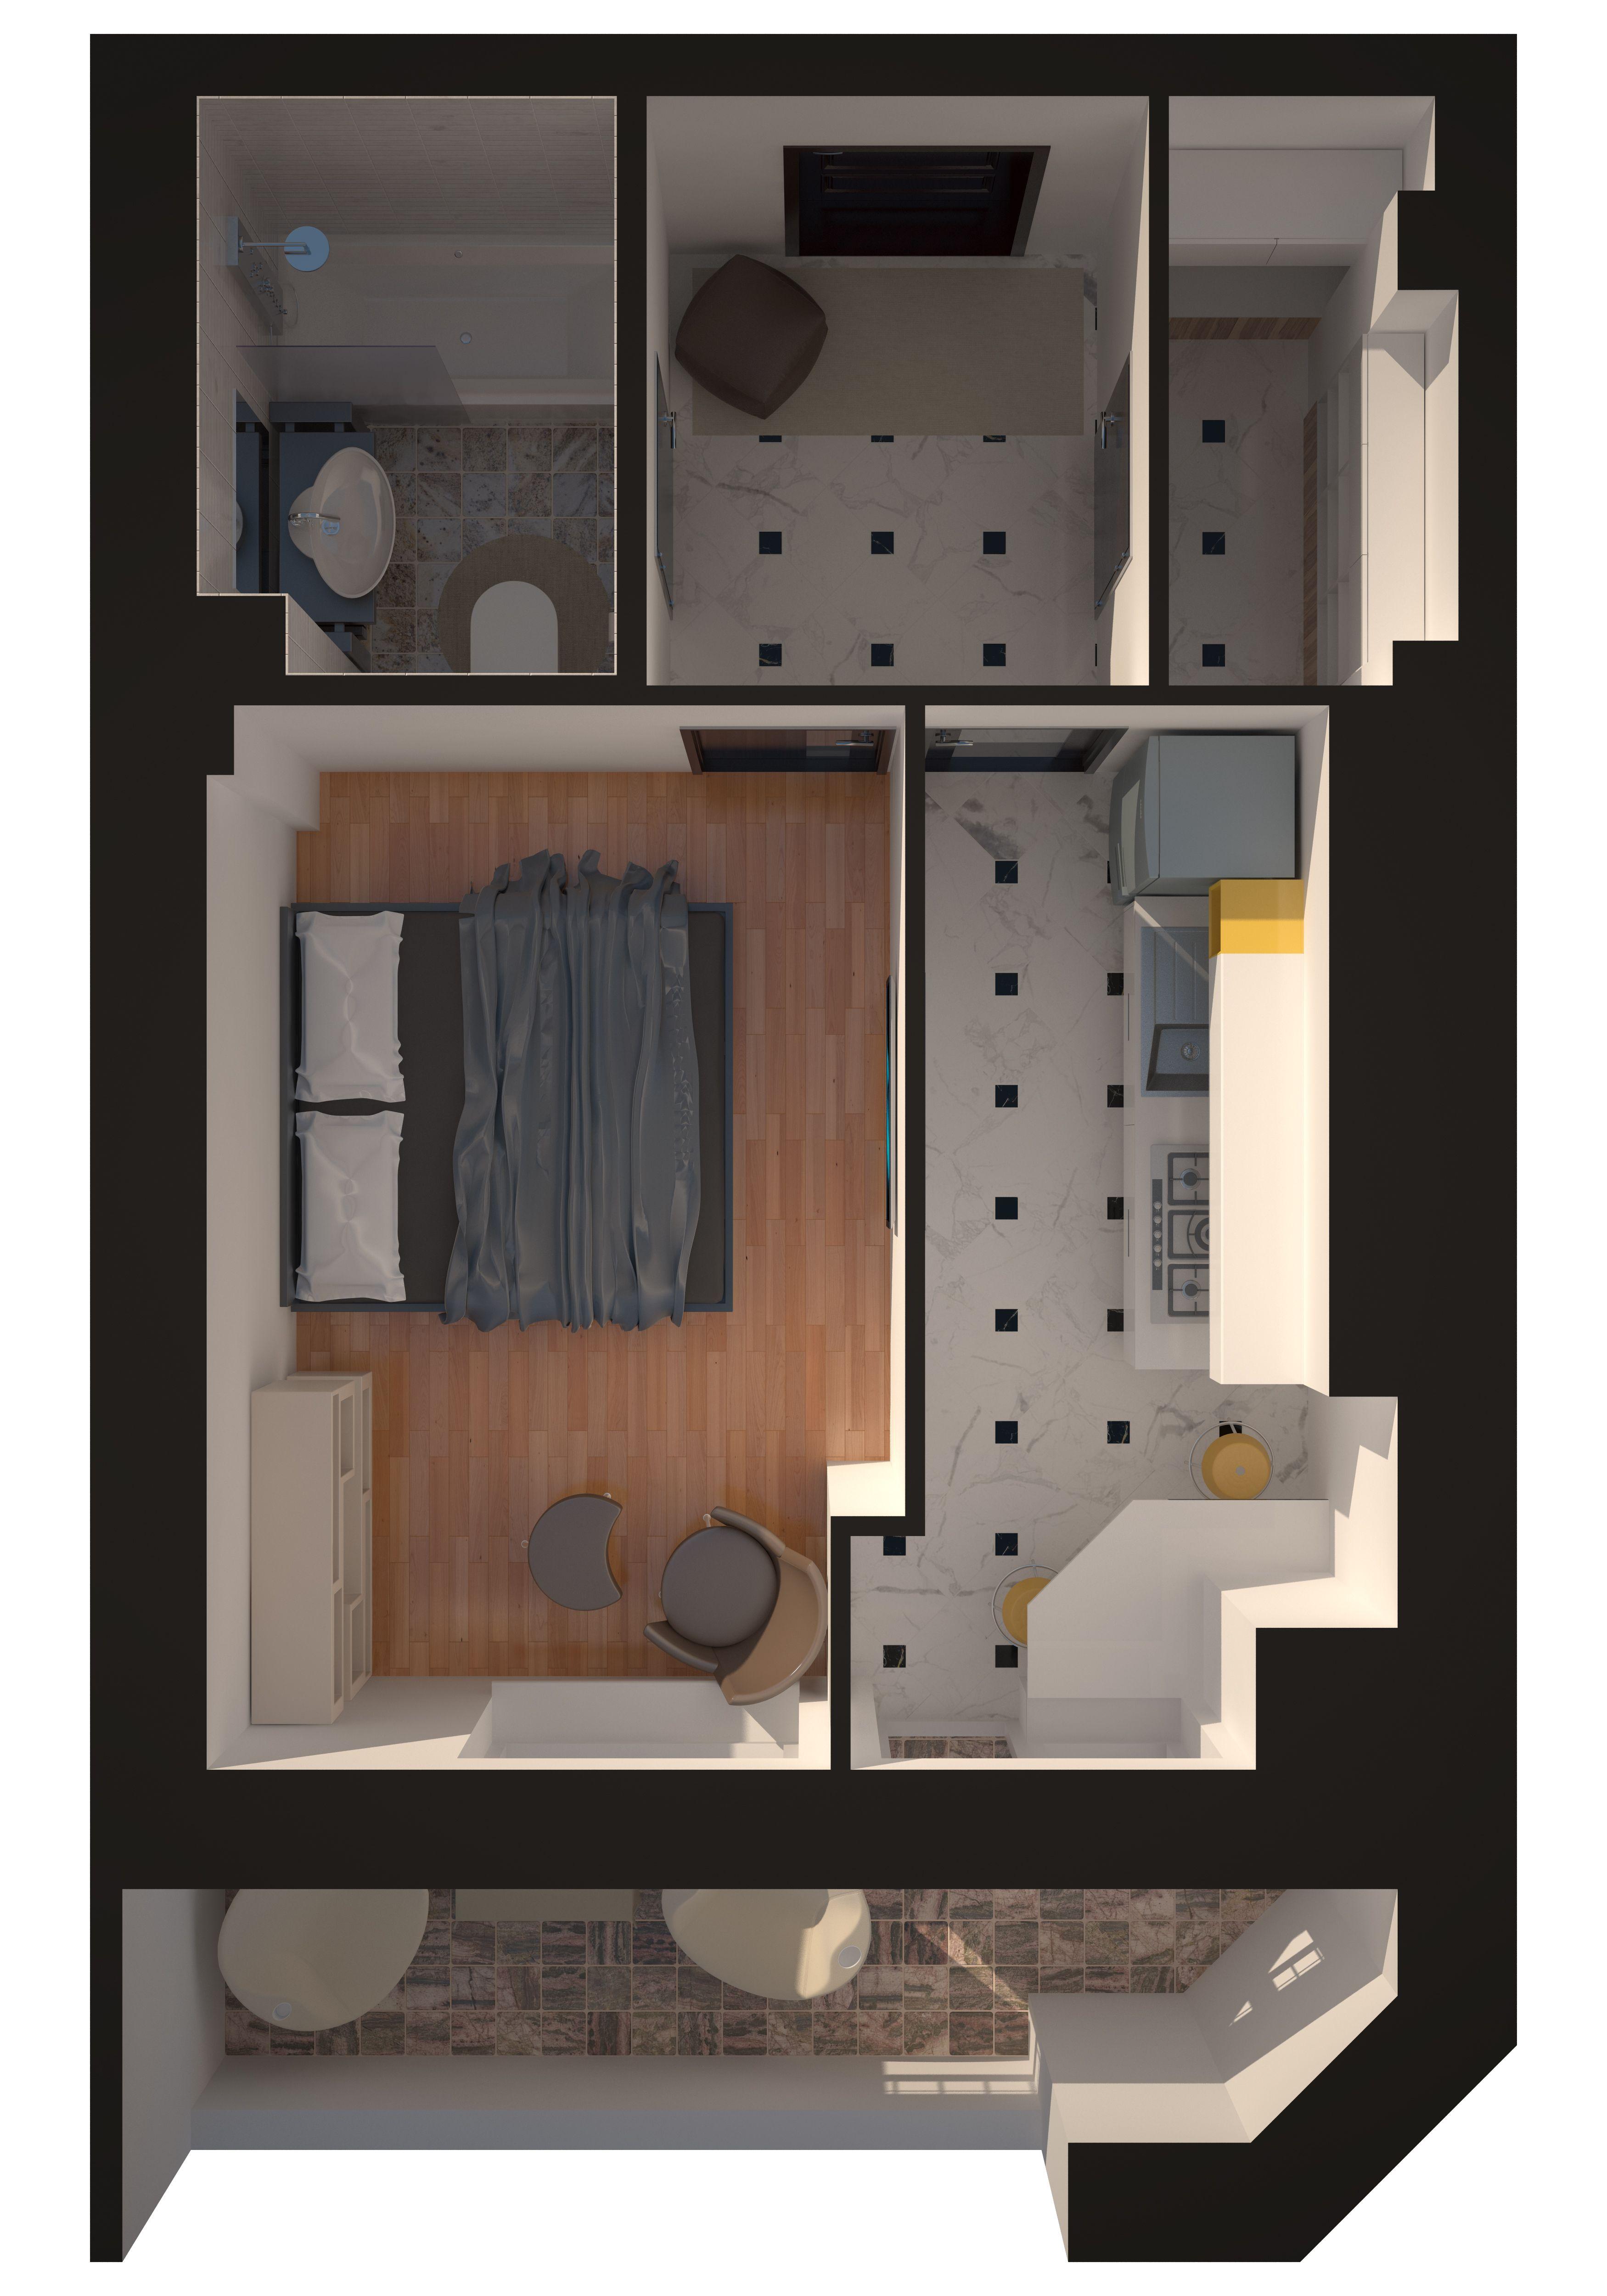 Однокомнатная - Зеленый Мыс Английский дом 4$34505Площадь:38.52m²